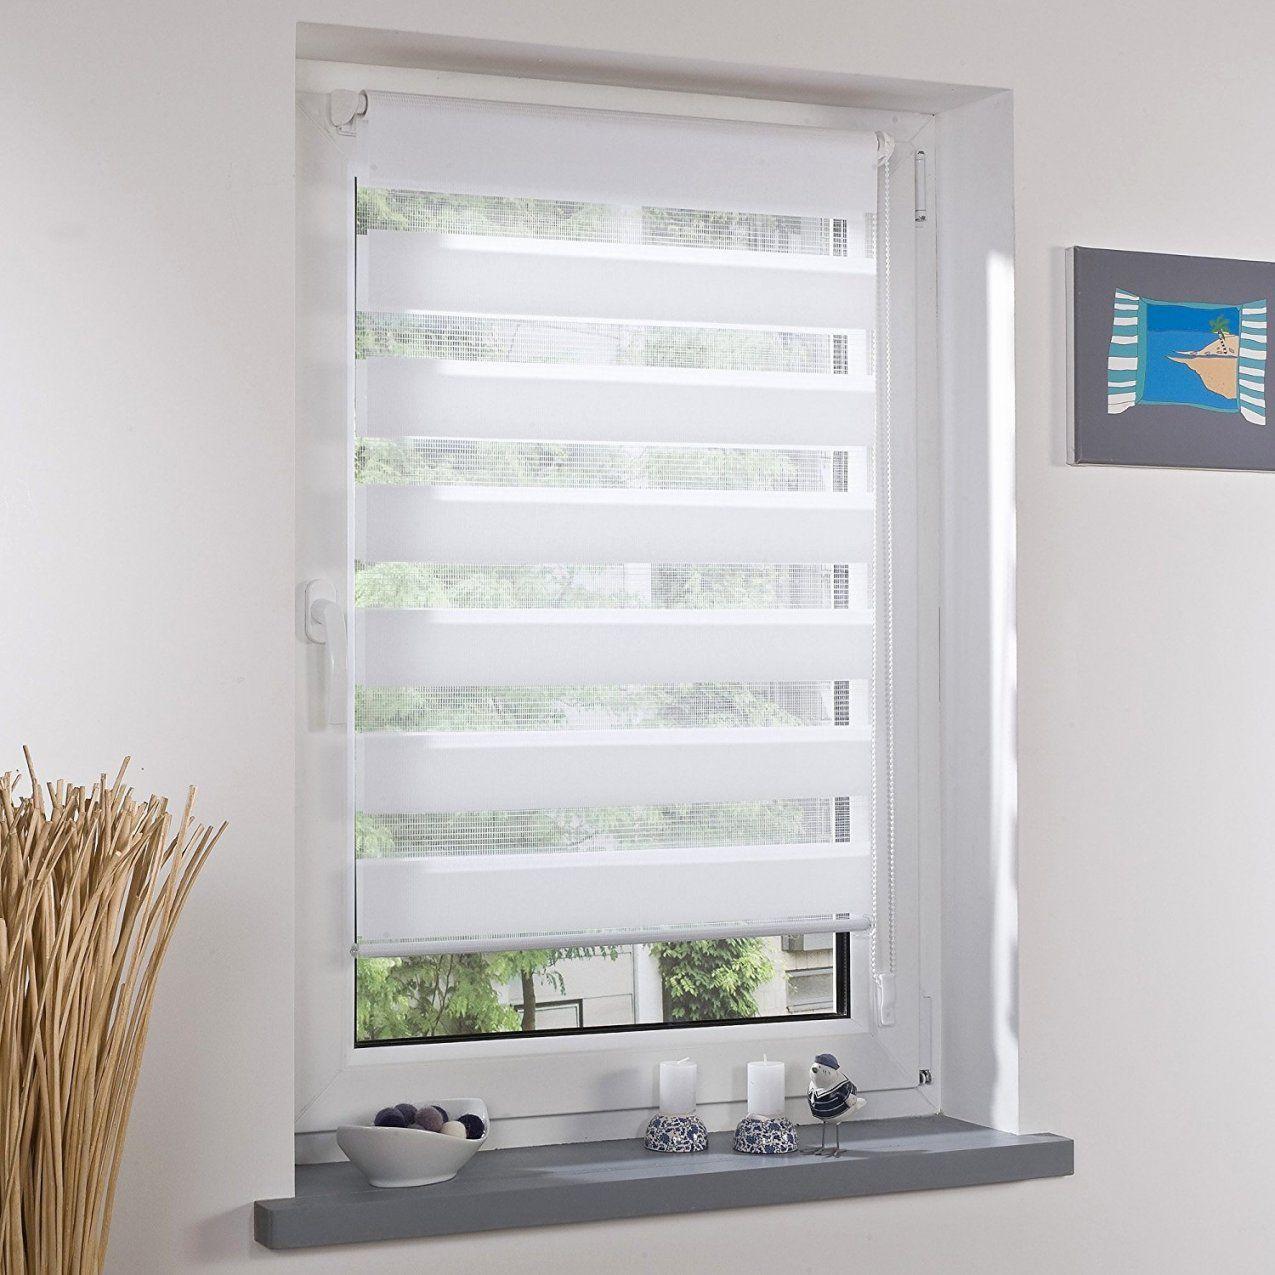 Plissee Badezimmer Best Of Elegant Plissee Gardinen Ikea Ideen von Gardinen Ohne Bohren Ikea Bild